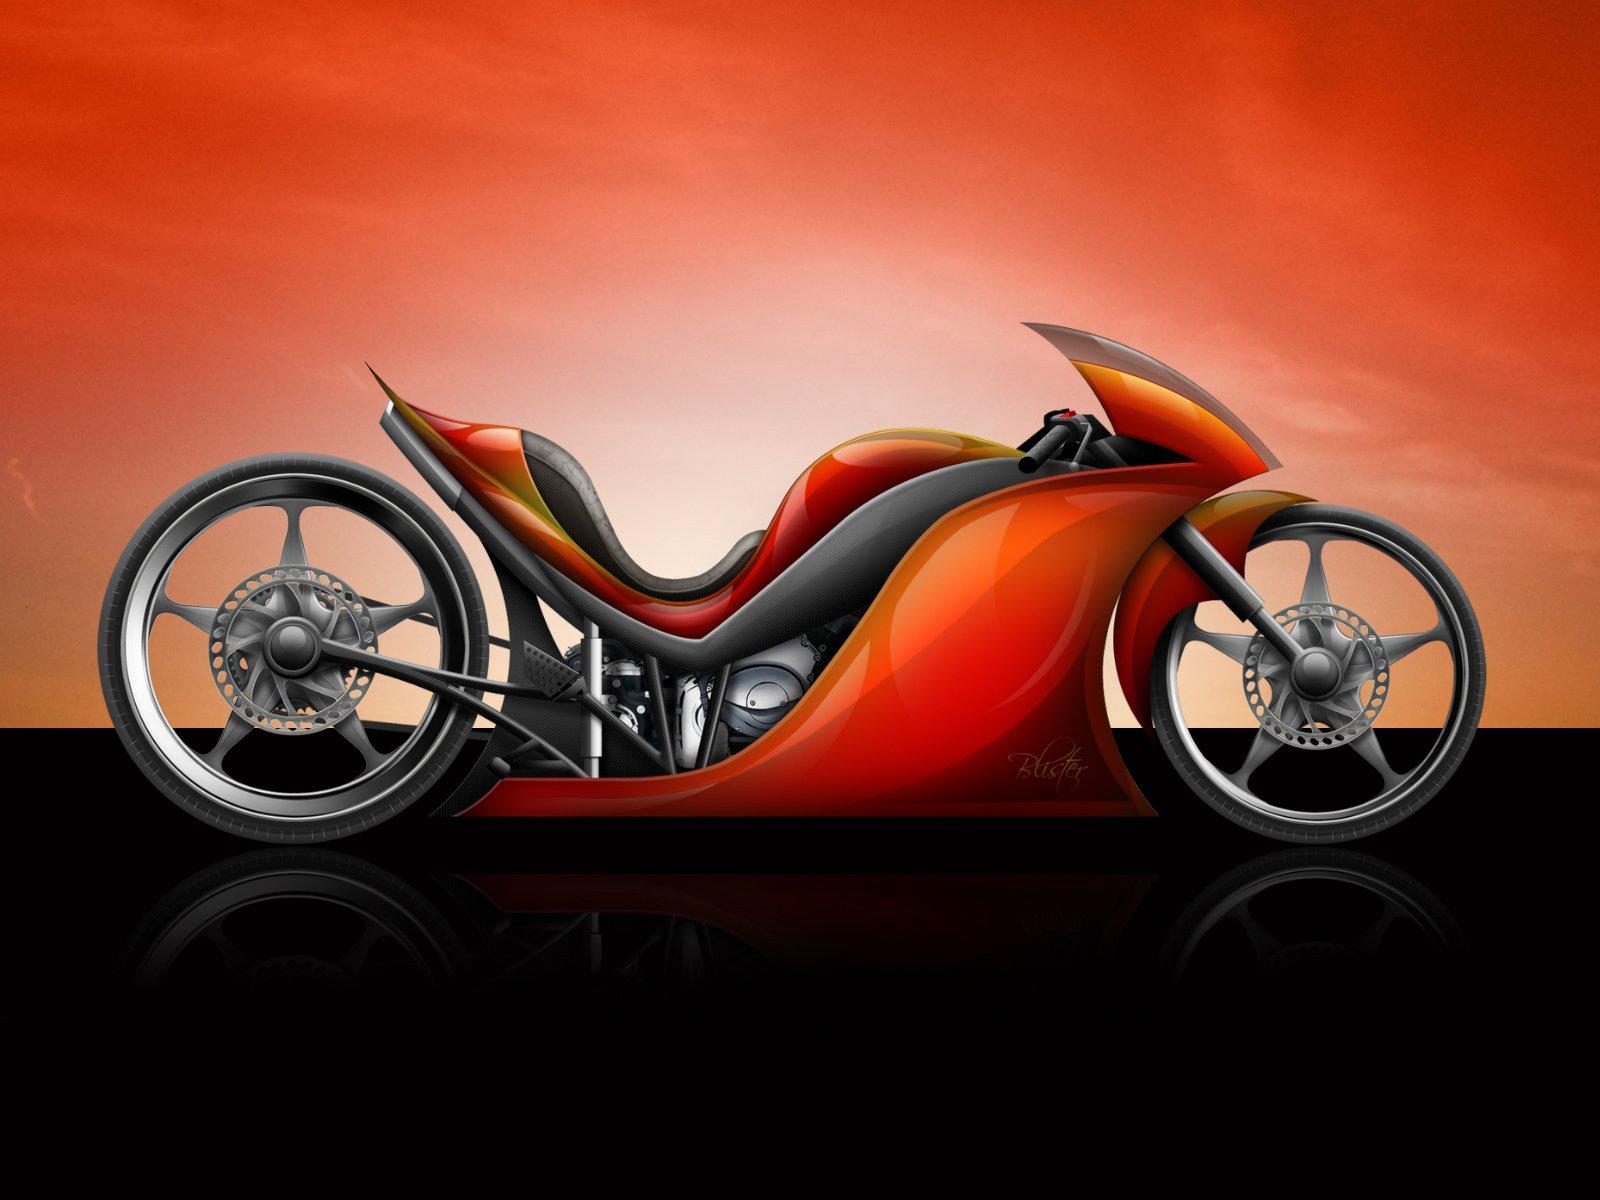 Dhoom 3 Bmw Bike Hd Wallpaper Old Motor Bike Hd 1614601 Hd Wallpaper Backgrounds Download